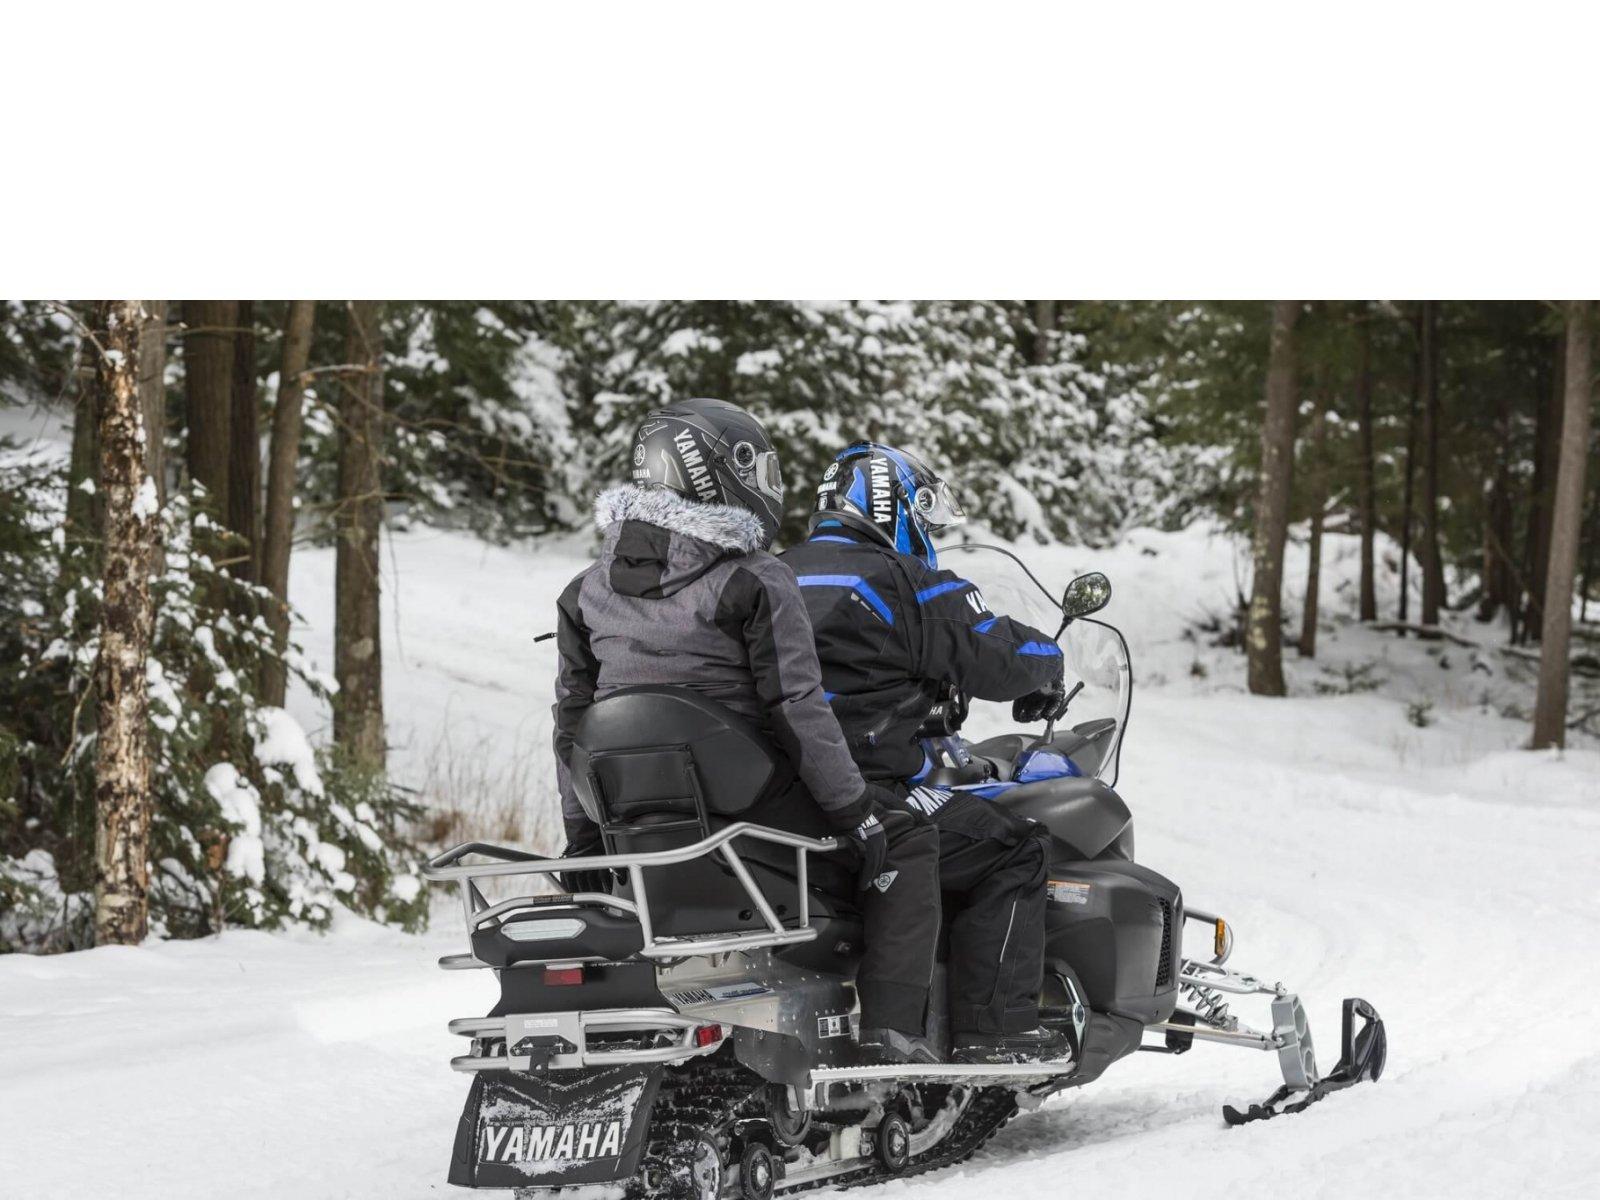 Снегоход YAMAHA Venture Multi Purpose - Navy Blue '2020